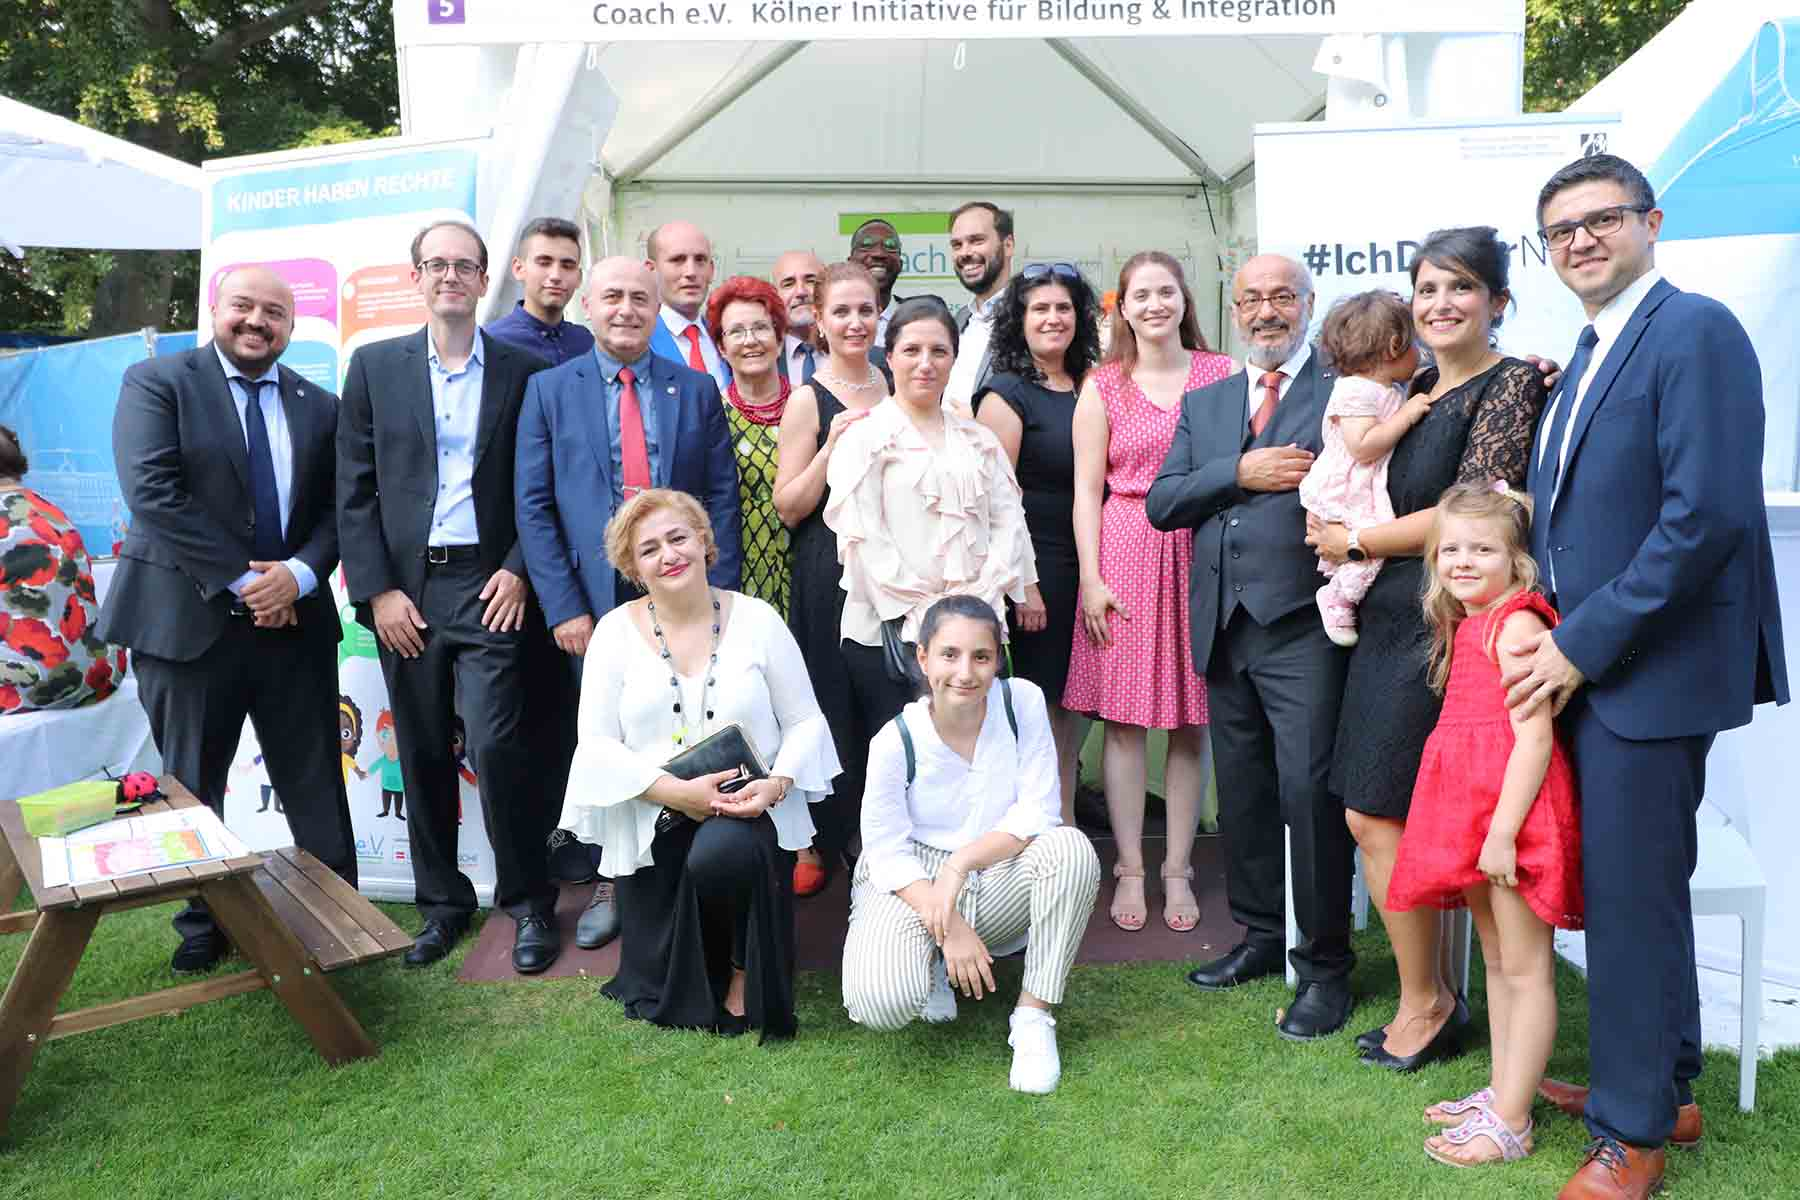 Coach e.V.-Gruppe aus Vorstandsmitgliedern, Eltern, Jugendlichen und Mitarbeitenden beim Sommerfest des Bundespäsidenten in Berlin